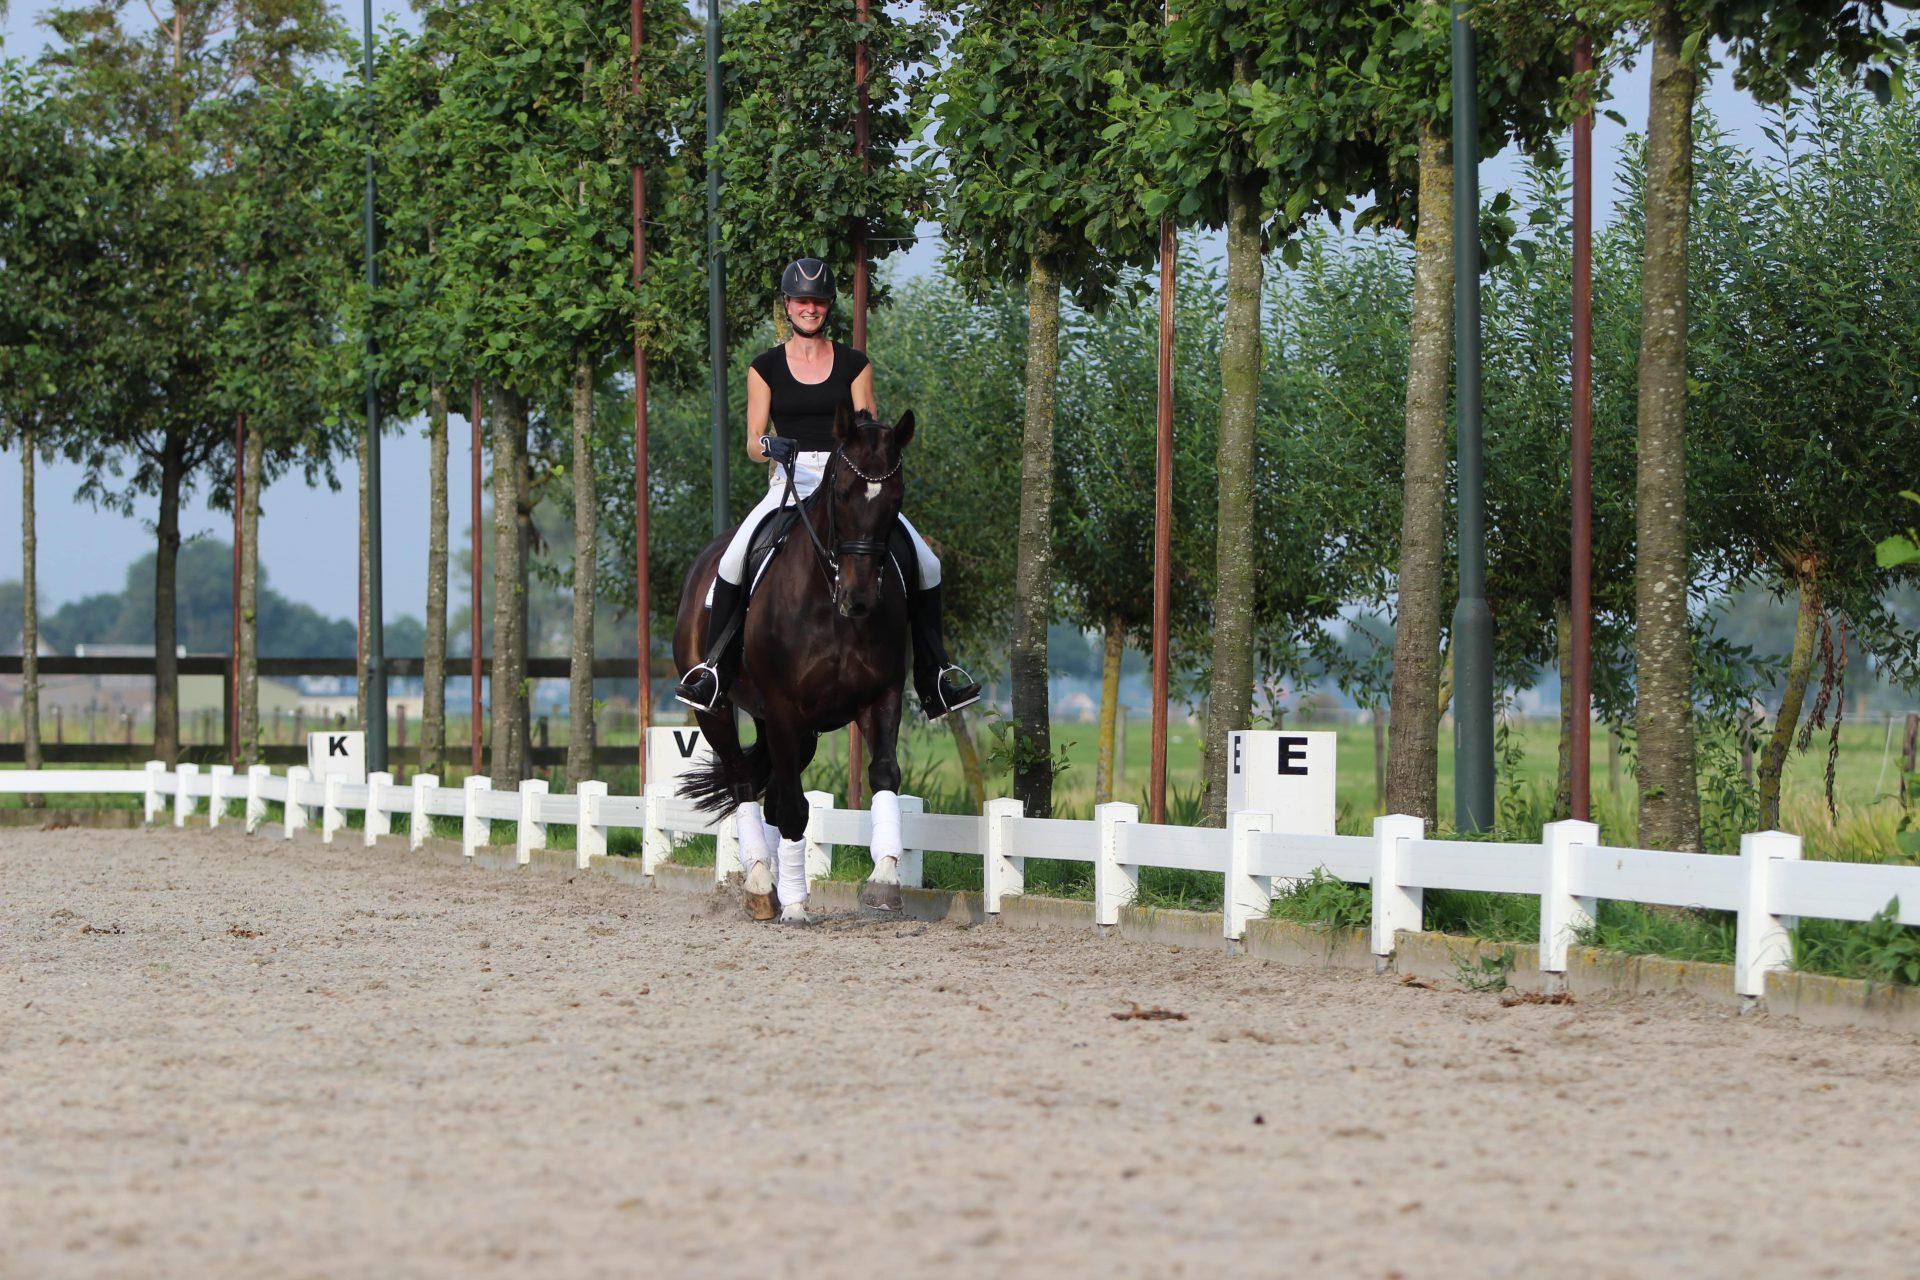 Grecon Manegebodems - Passie voor paarden